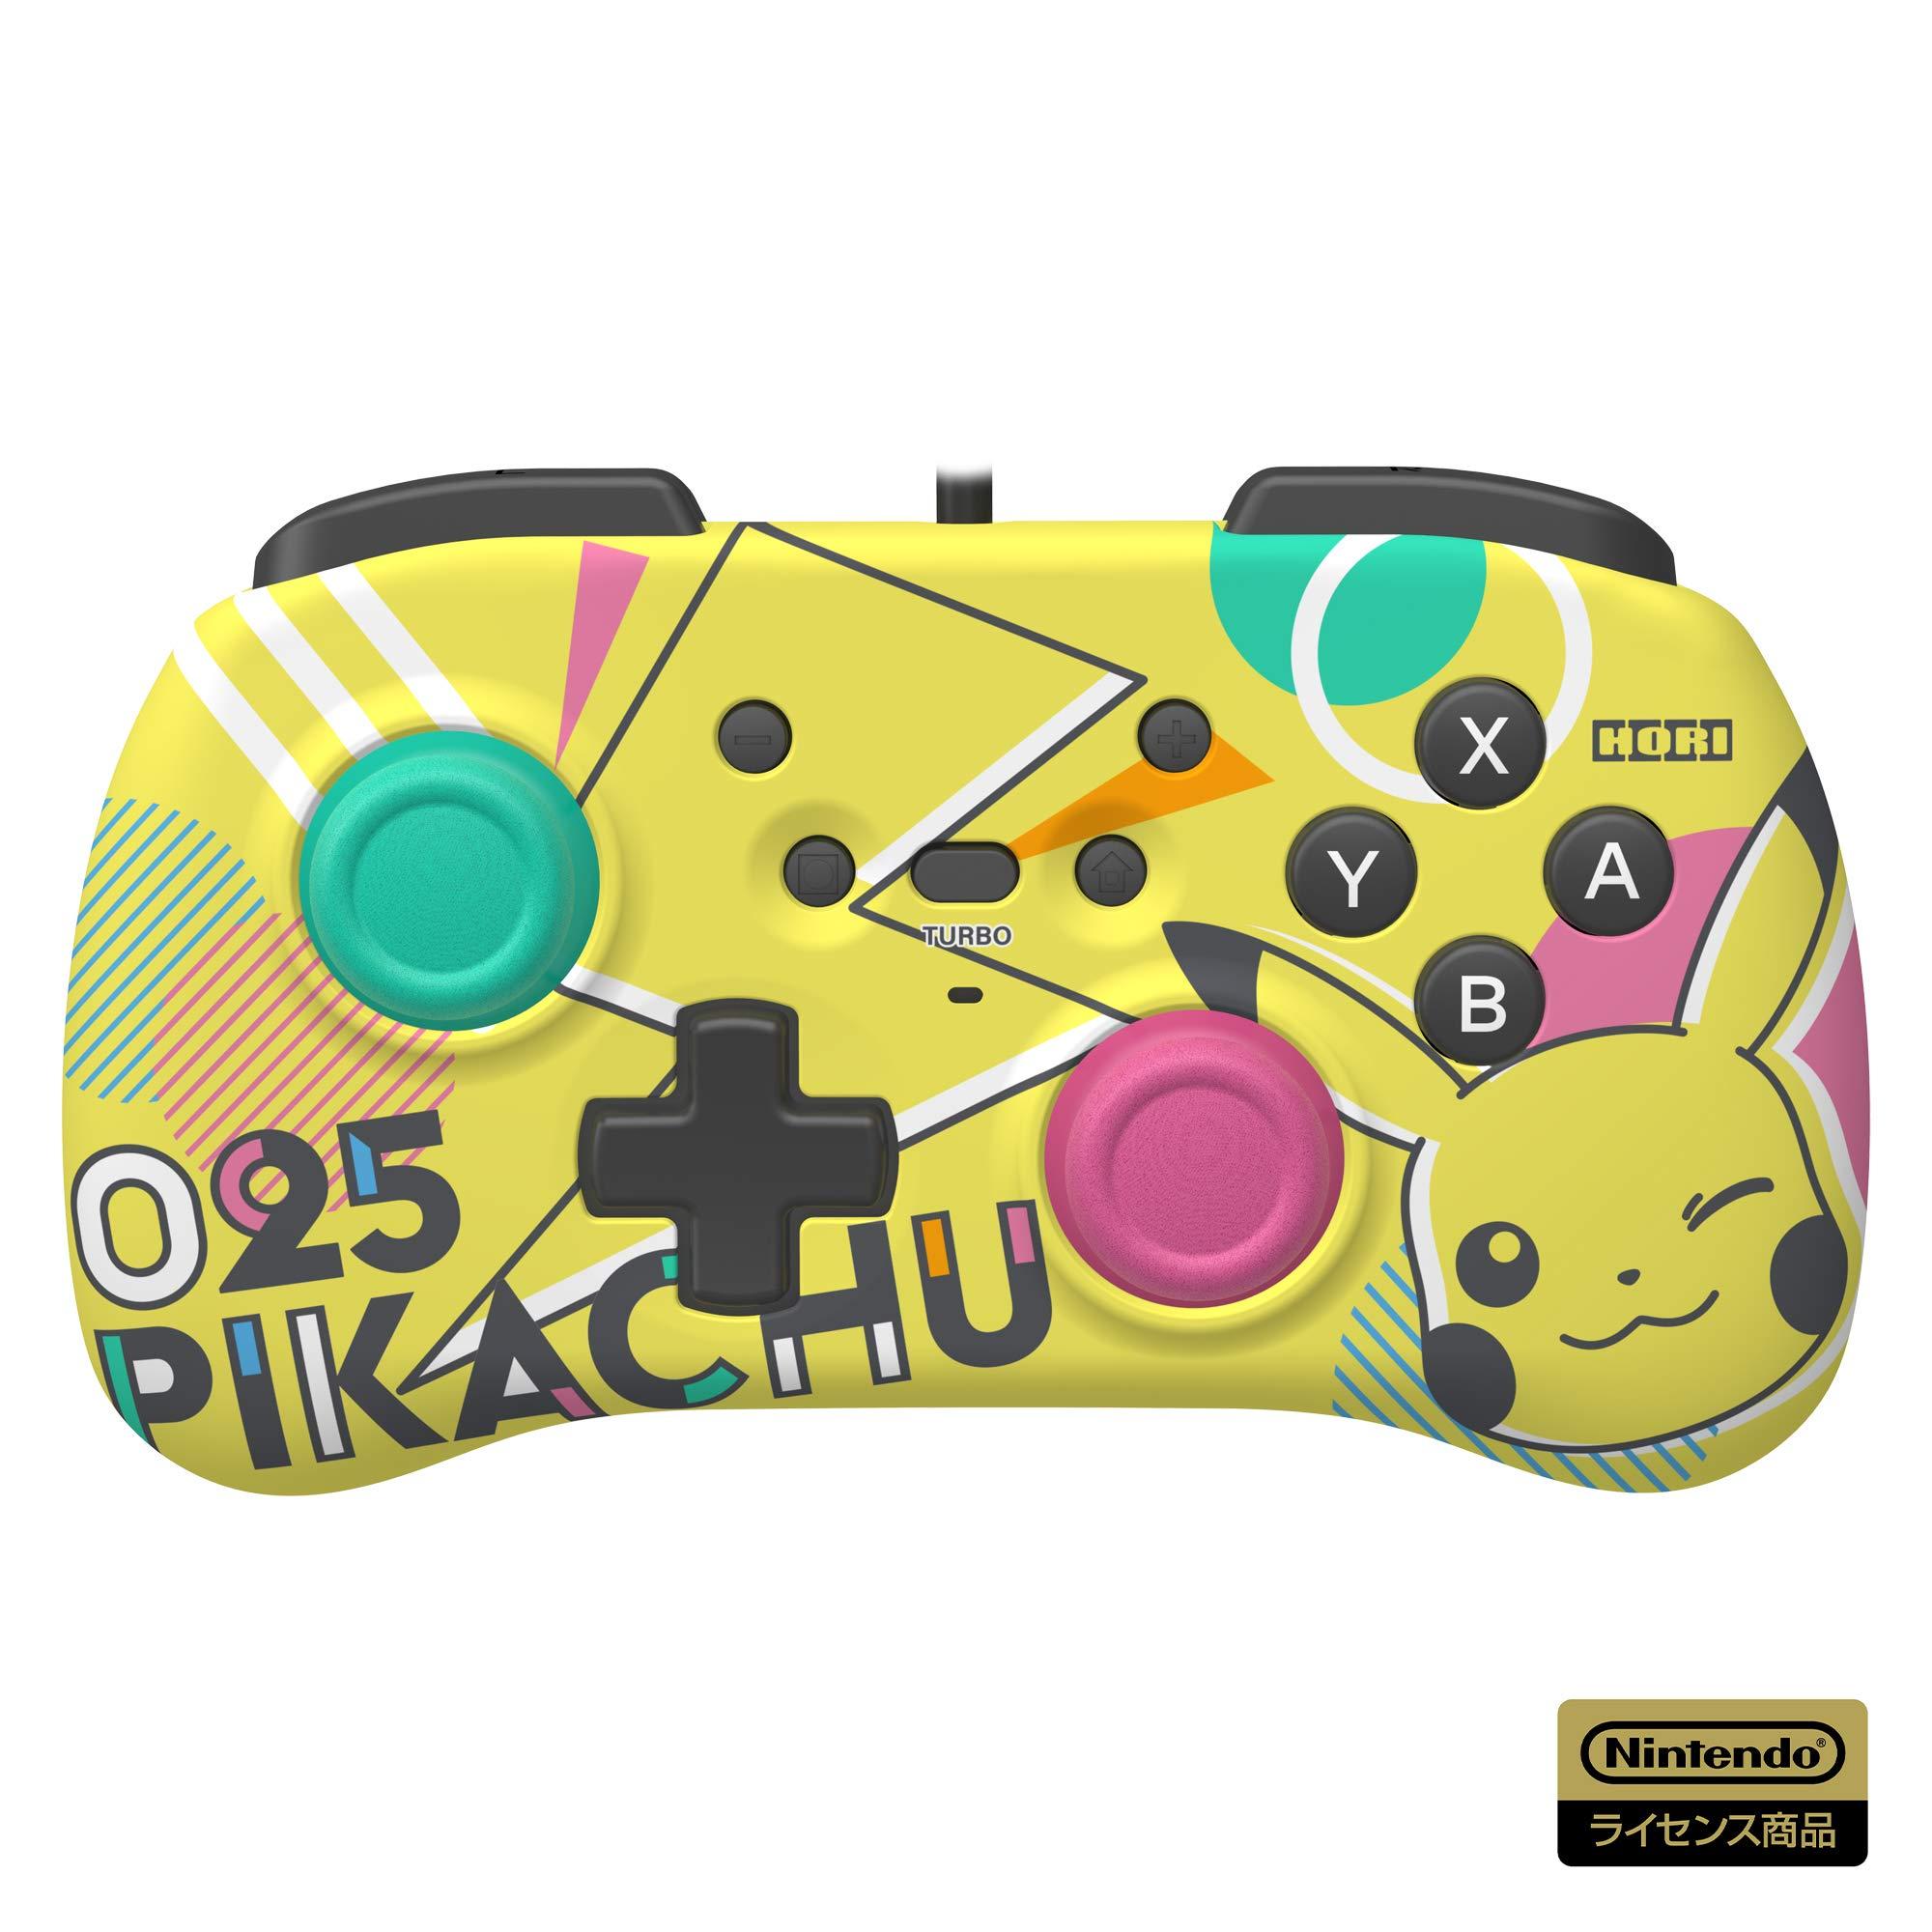 ピカチュウやイーブイ、マリオが可愛い!「ホリパッド ミニ for Nintendo Switch」が登場!【Nintendo Switch用コントローラー】